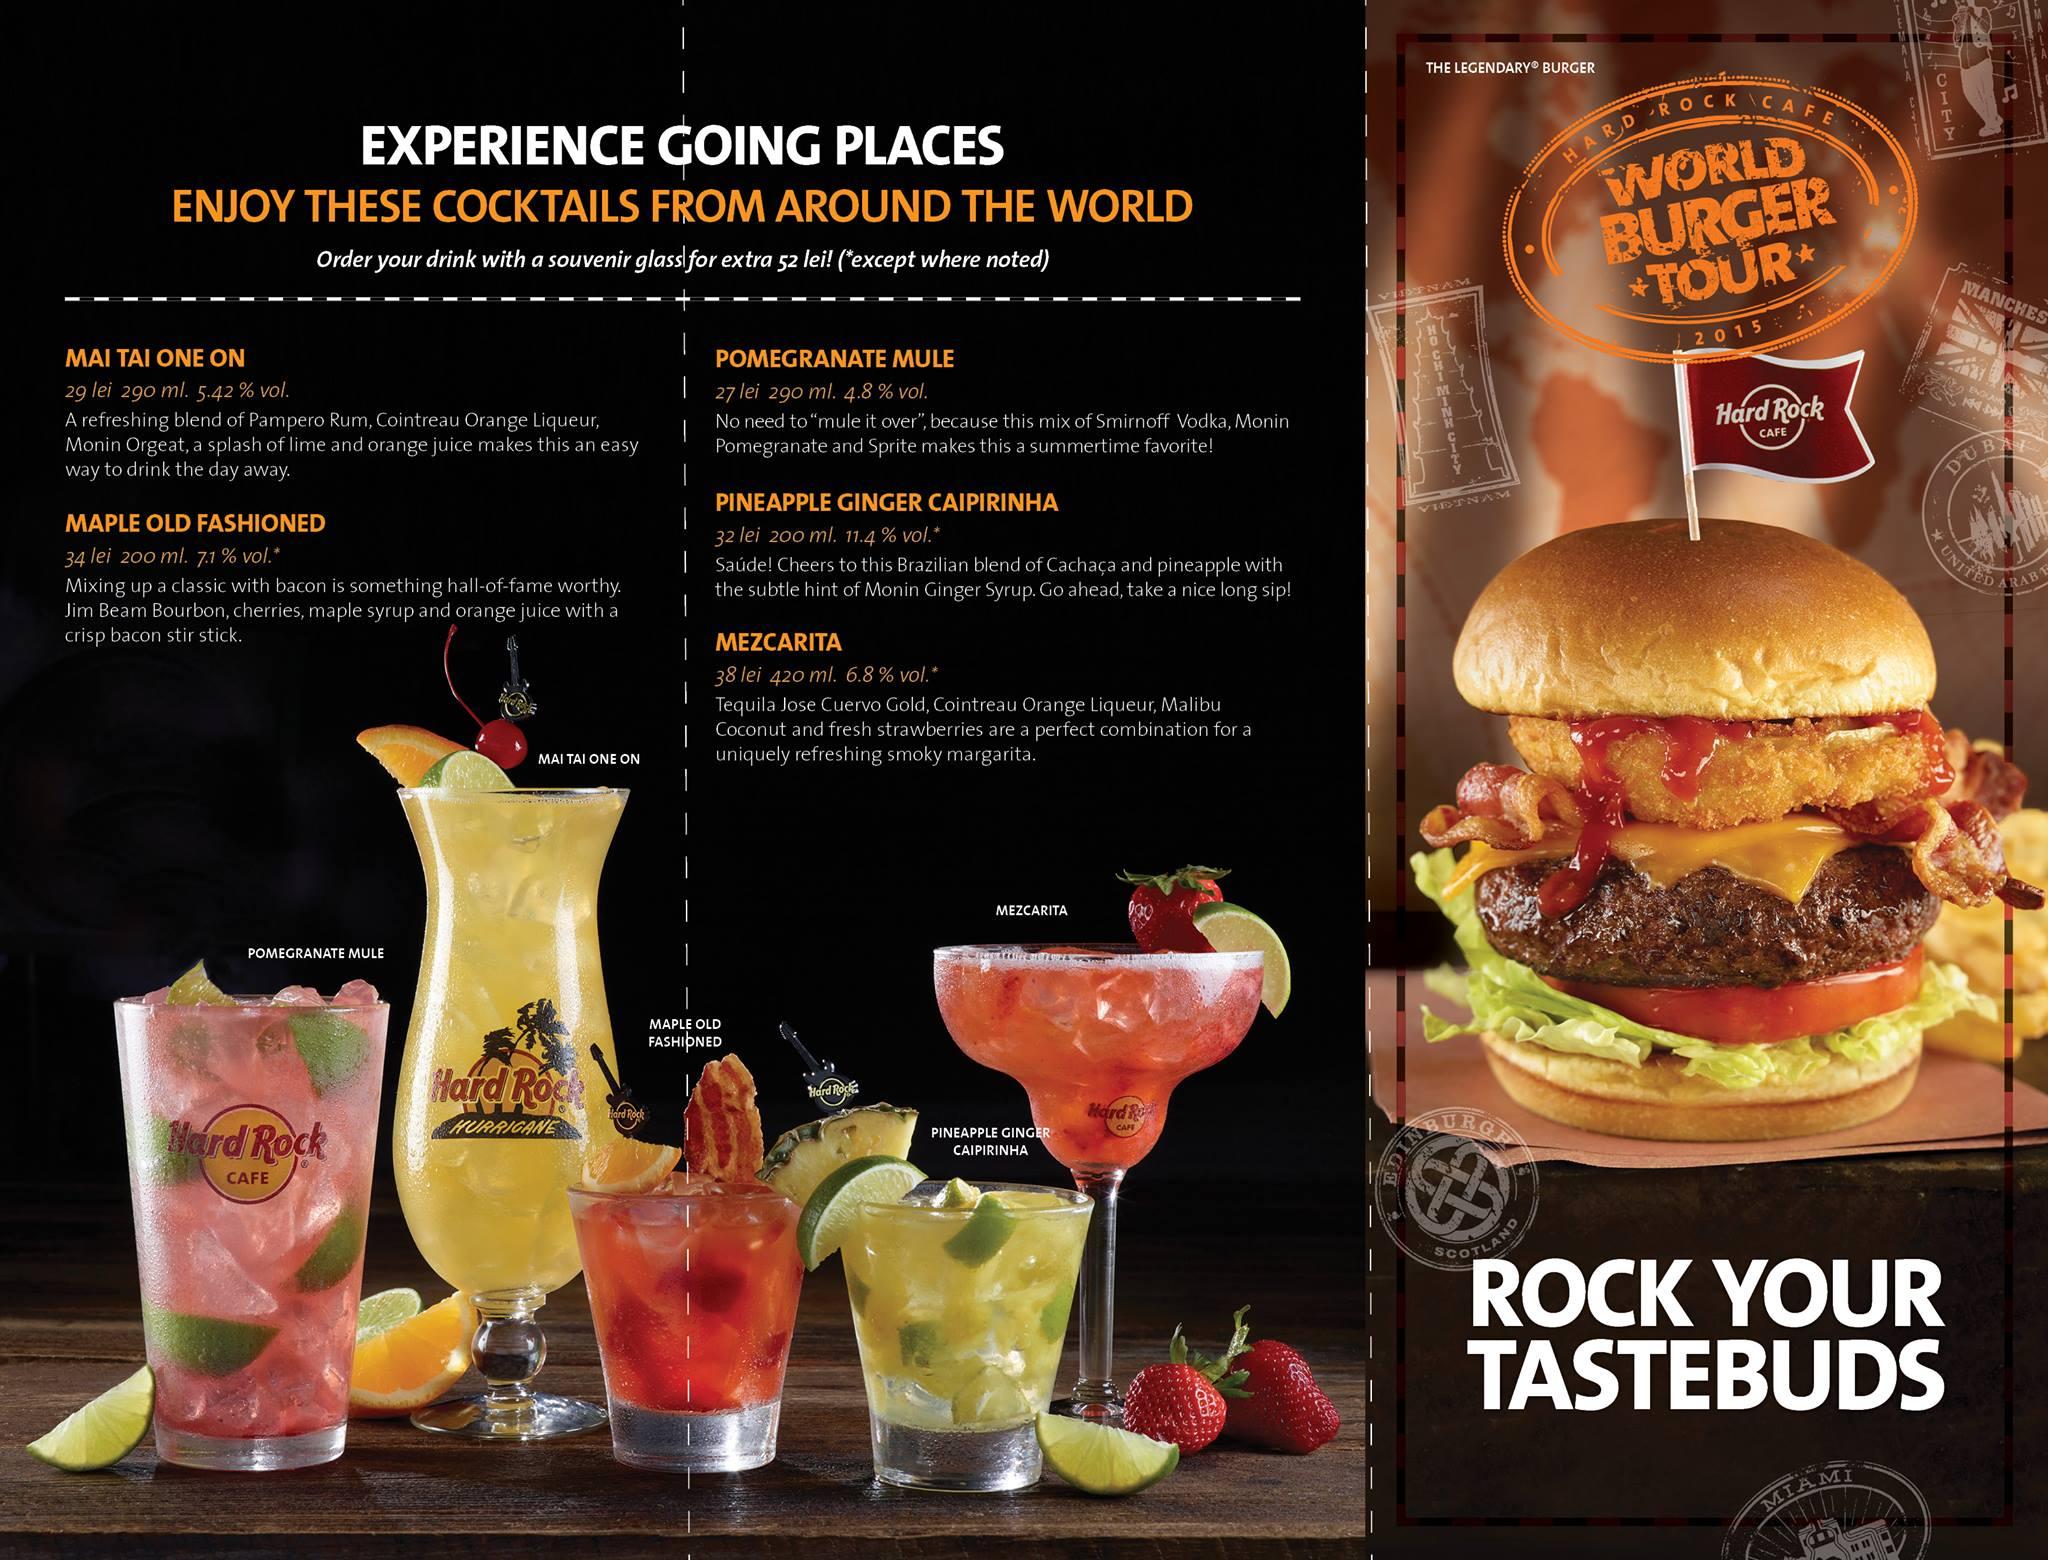 Hard Rock Cafe Meniu